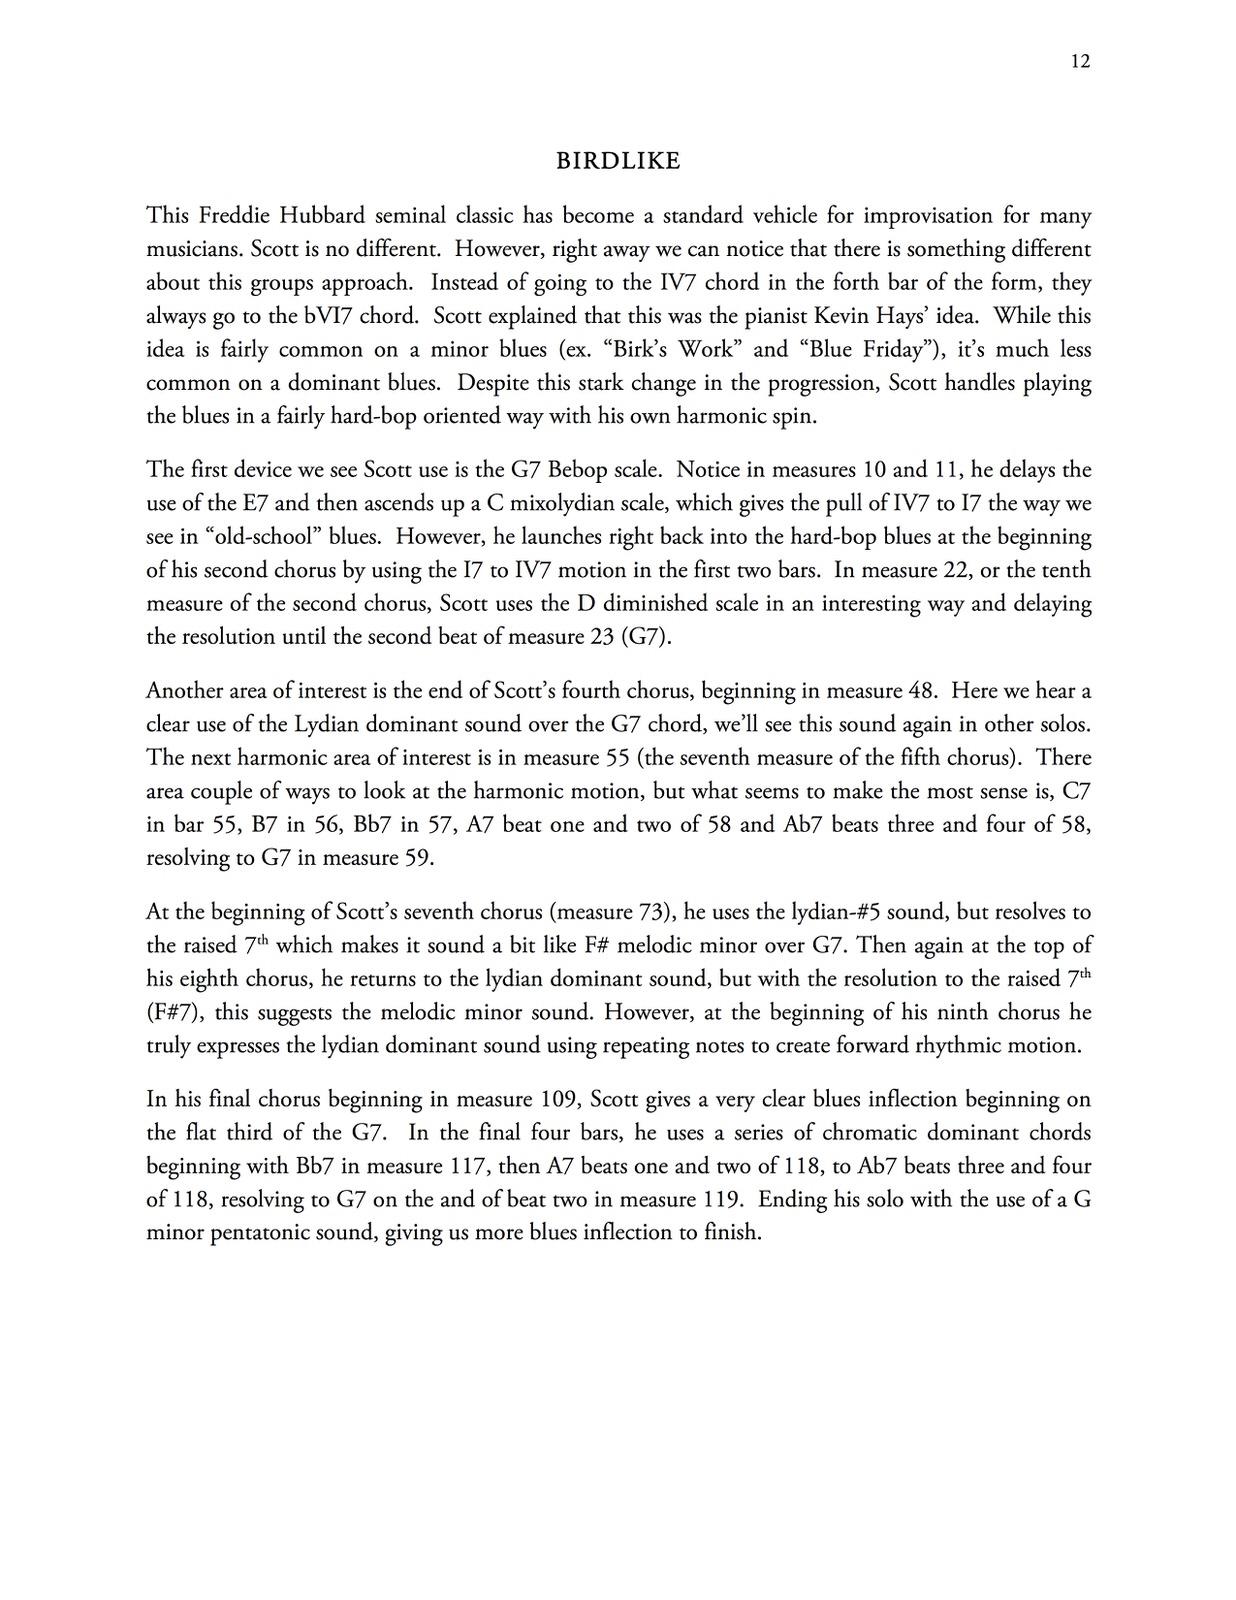 Siereveld, Modern Approach to Improvisation Volume 3 Wendholt-p022